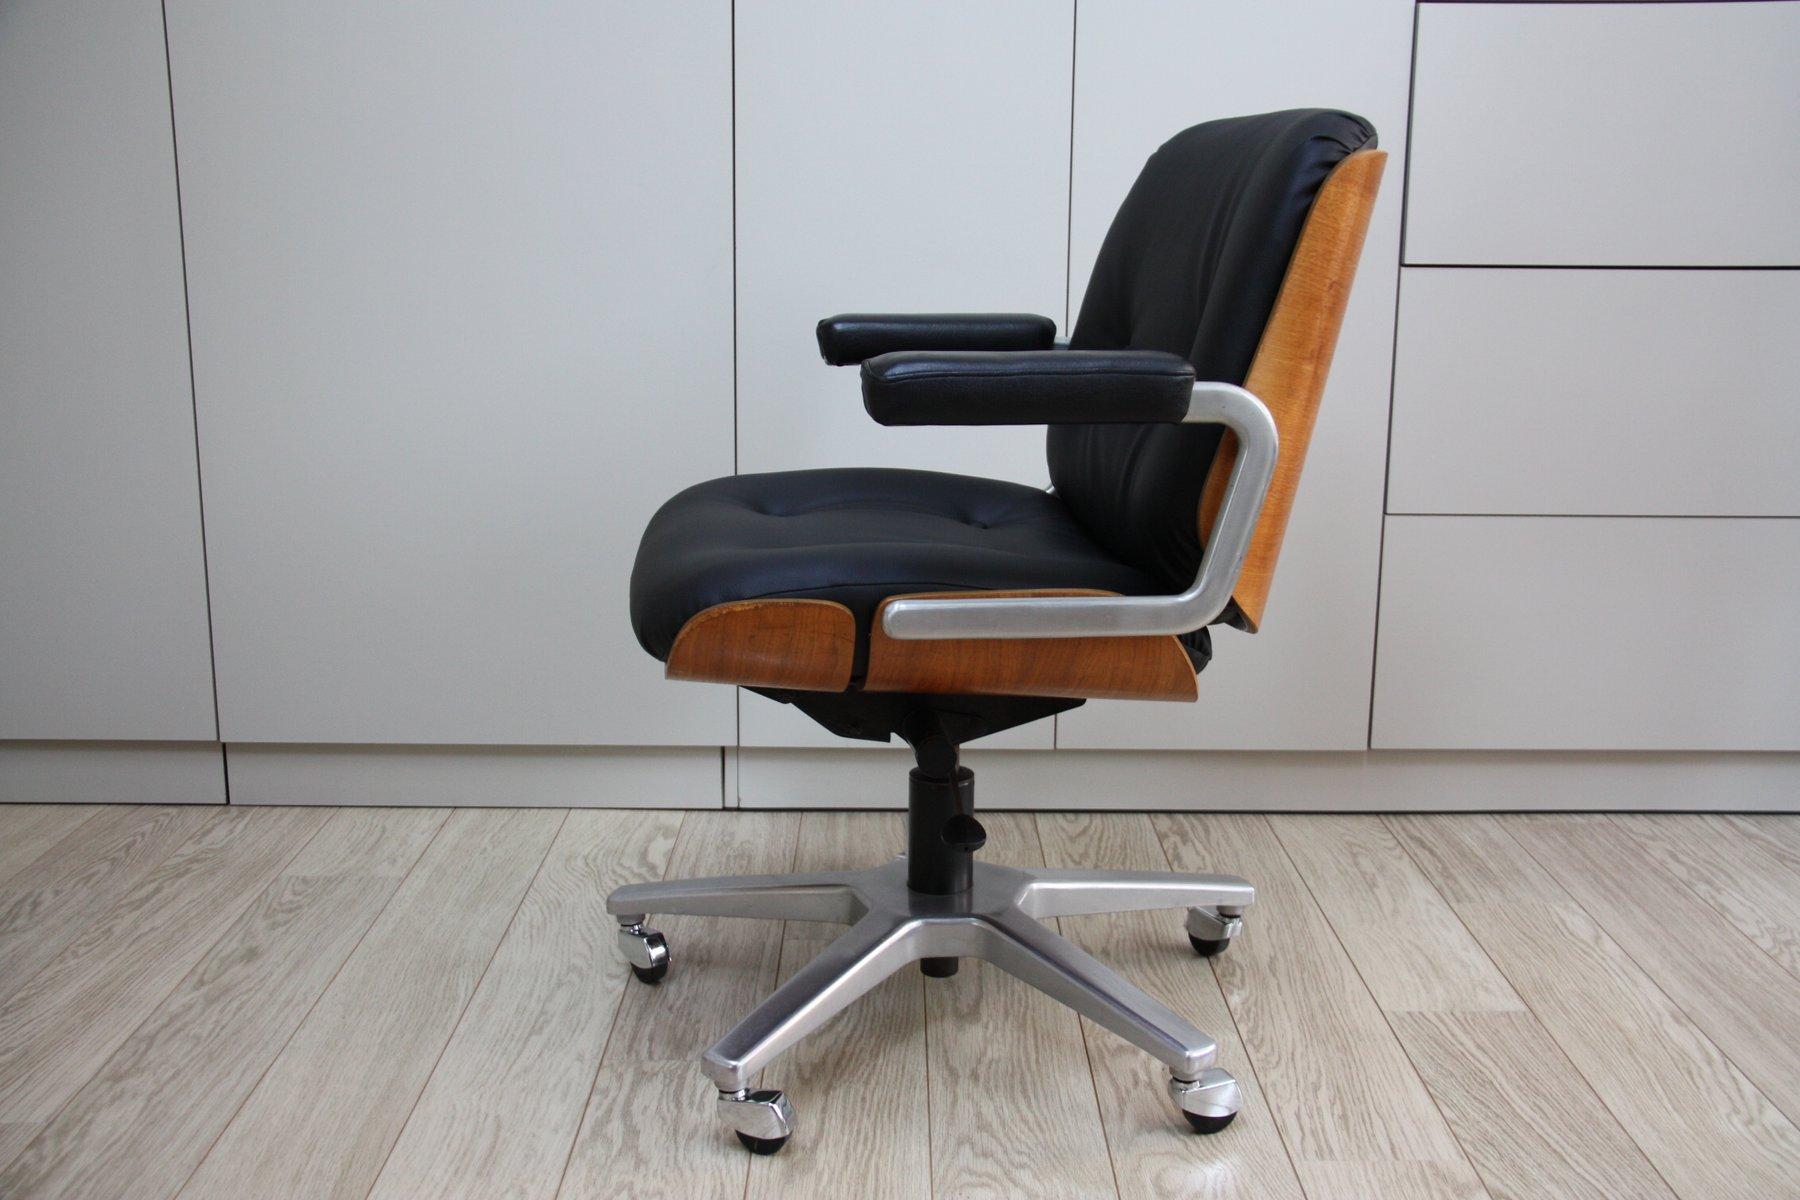 Sedie Da Ufficio In Pelle : Sedie ufficio pelle vintage sedia da ufficio figura ii vintage in